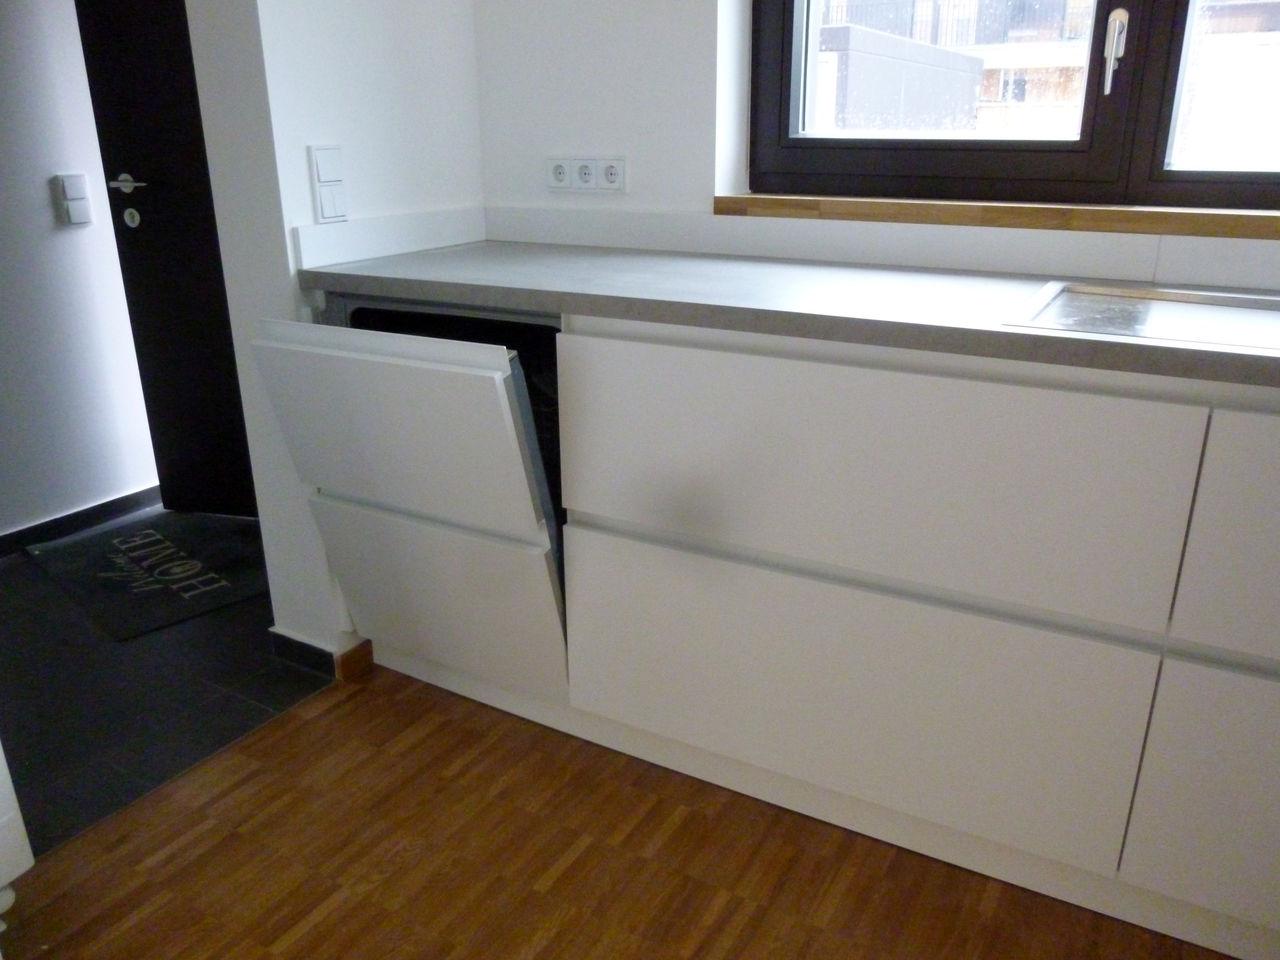 keine griffe an den k chenschrank t ren geht das. Black Bedroom Furniture Sets. Home Design Ideas